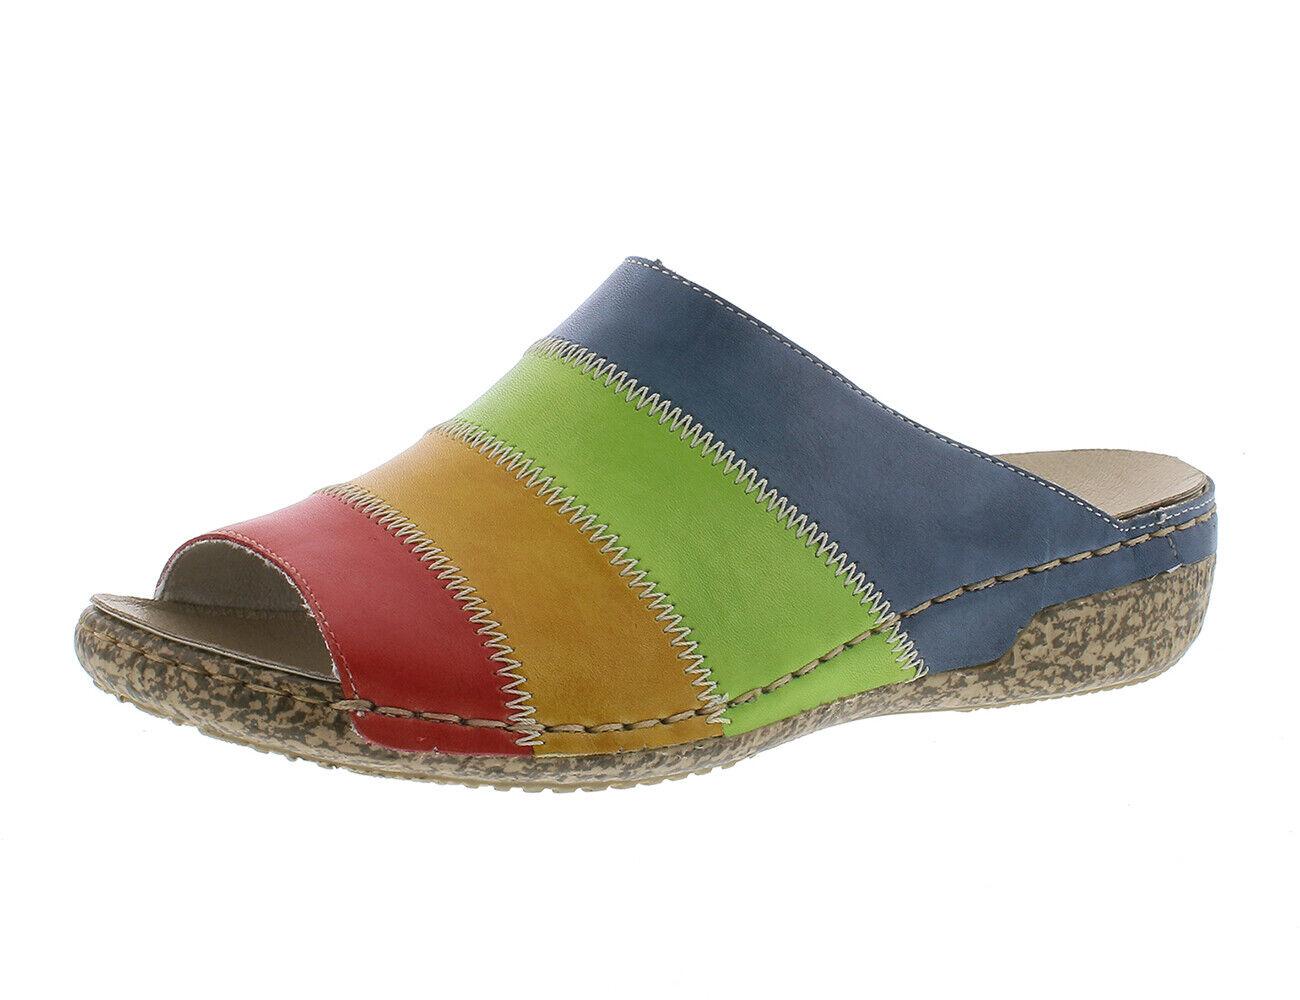 Rieker v7266-34 sandalias zapatos sandalias Clogs extra lejos